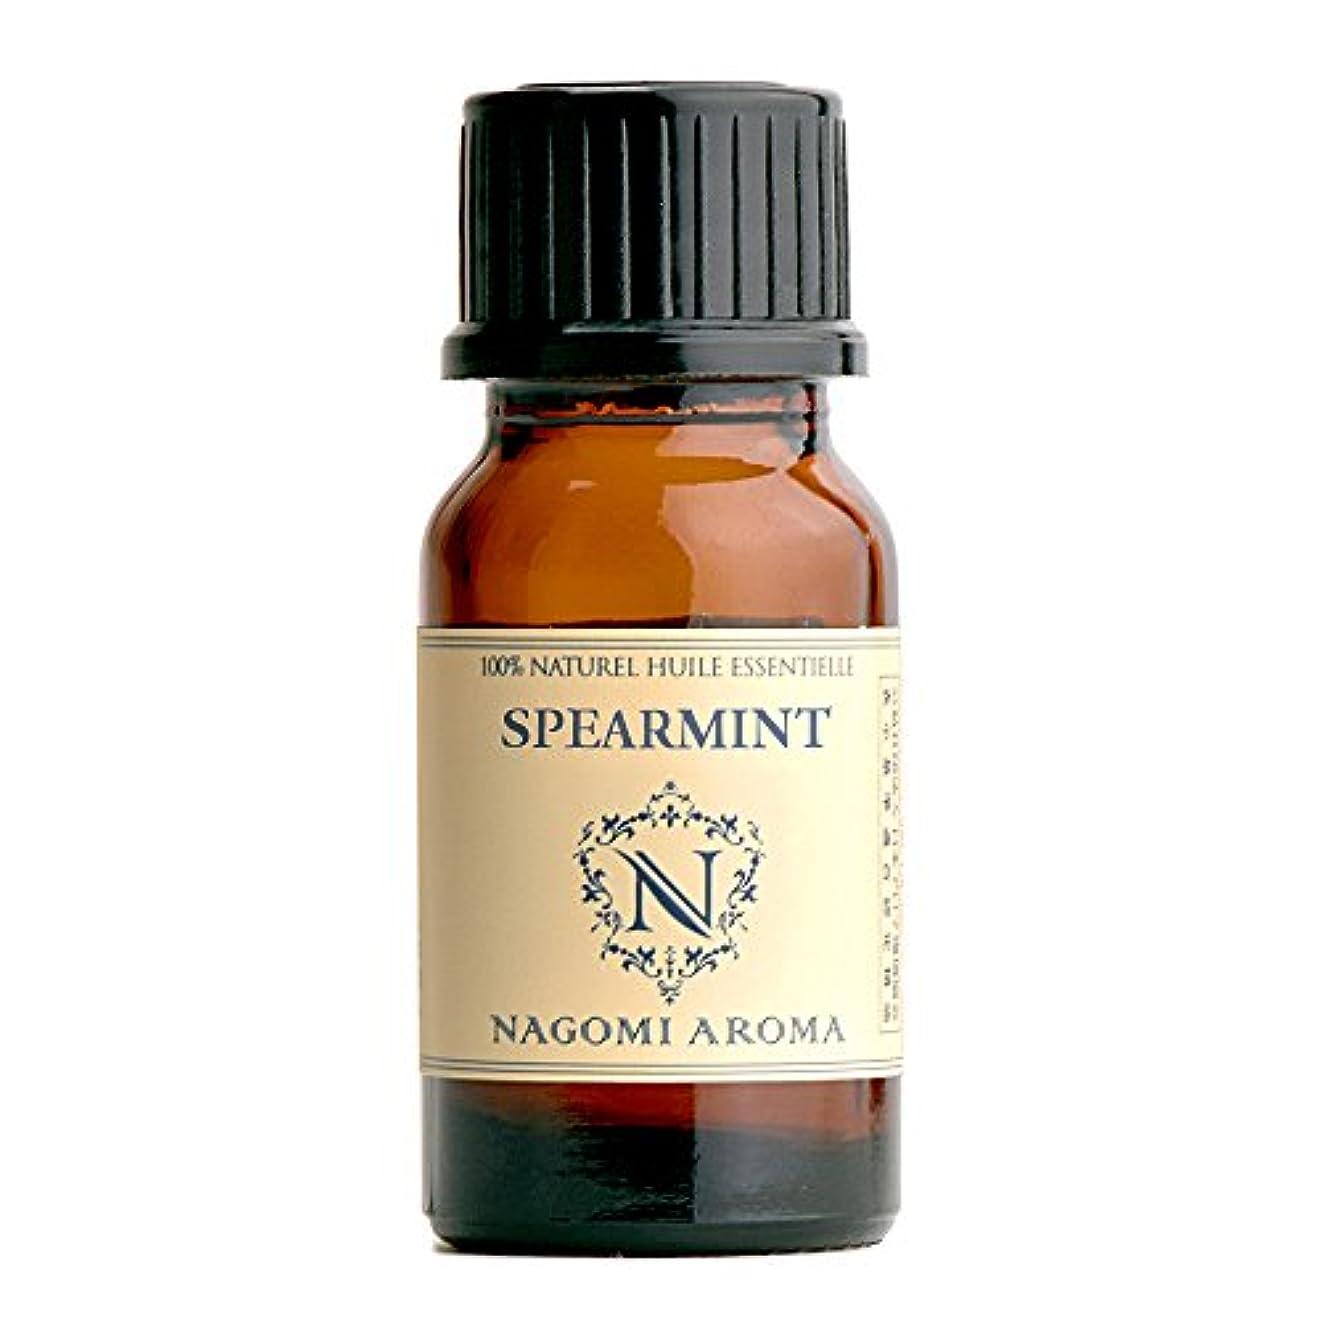 心臓みなす鎮痛剤NAGOMI AROMA スペアミント 10ml 【AEAJ認定精油】【アロマオイル】